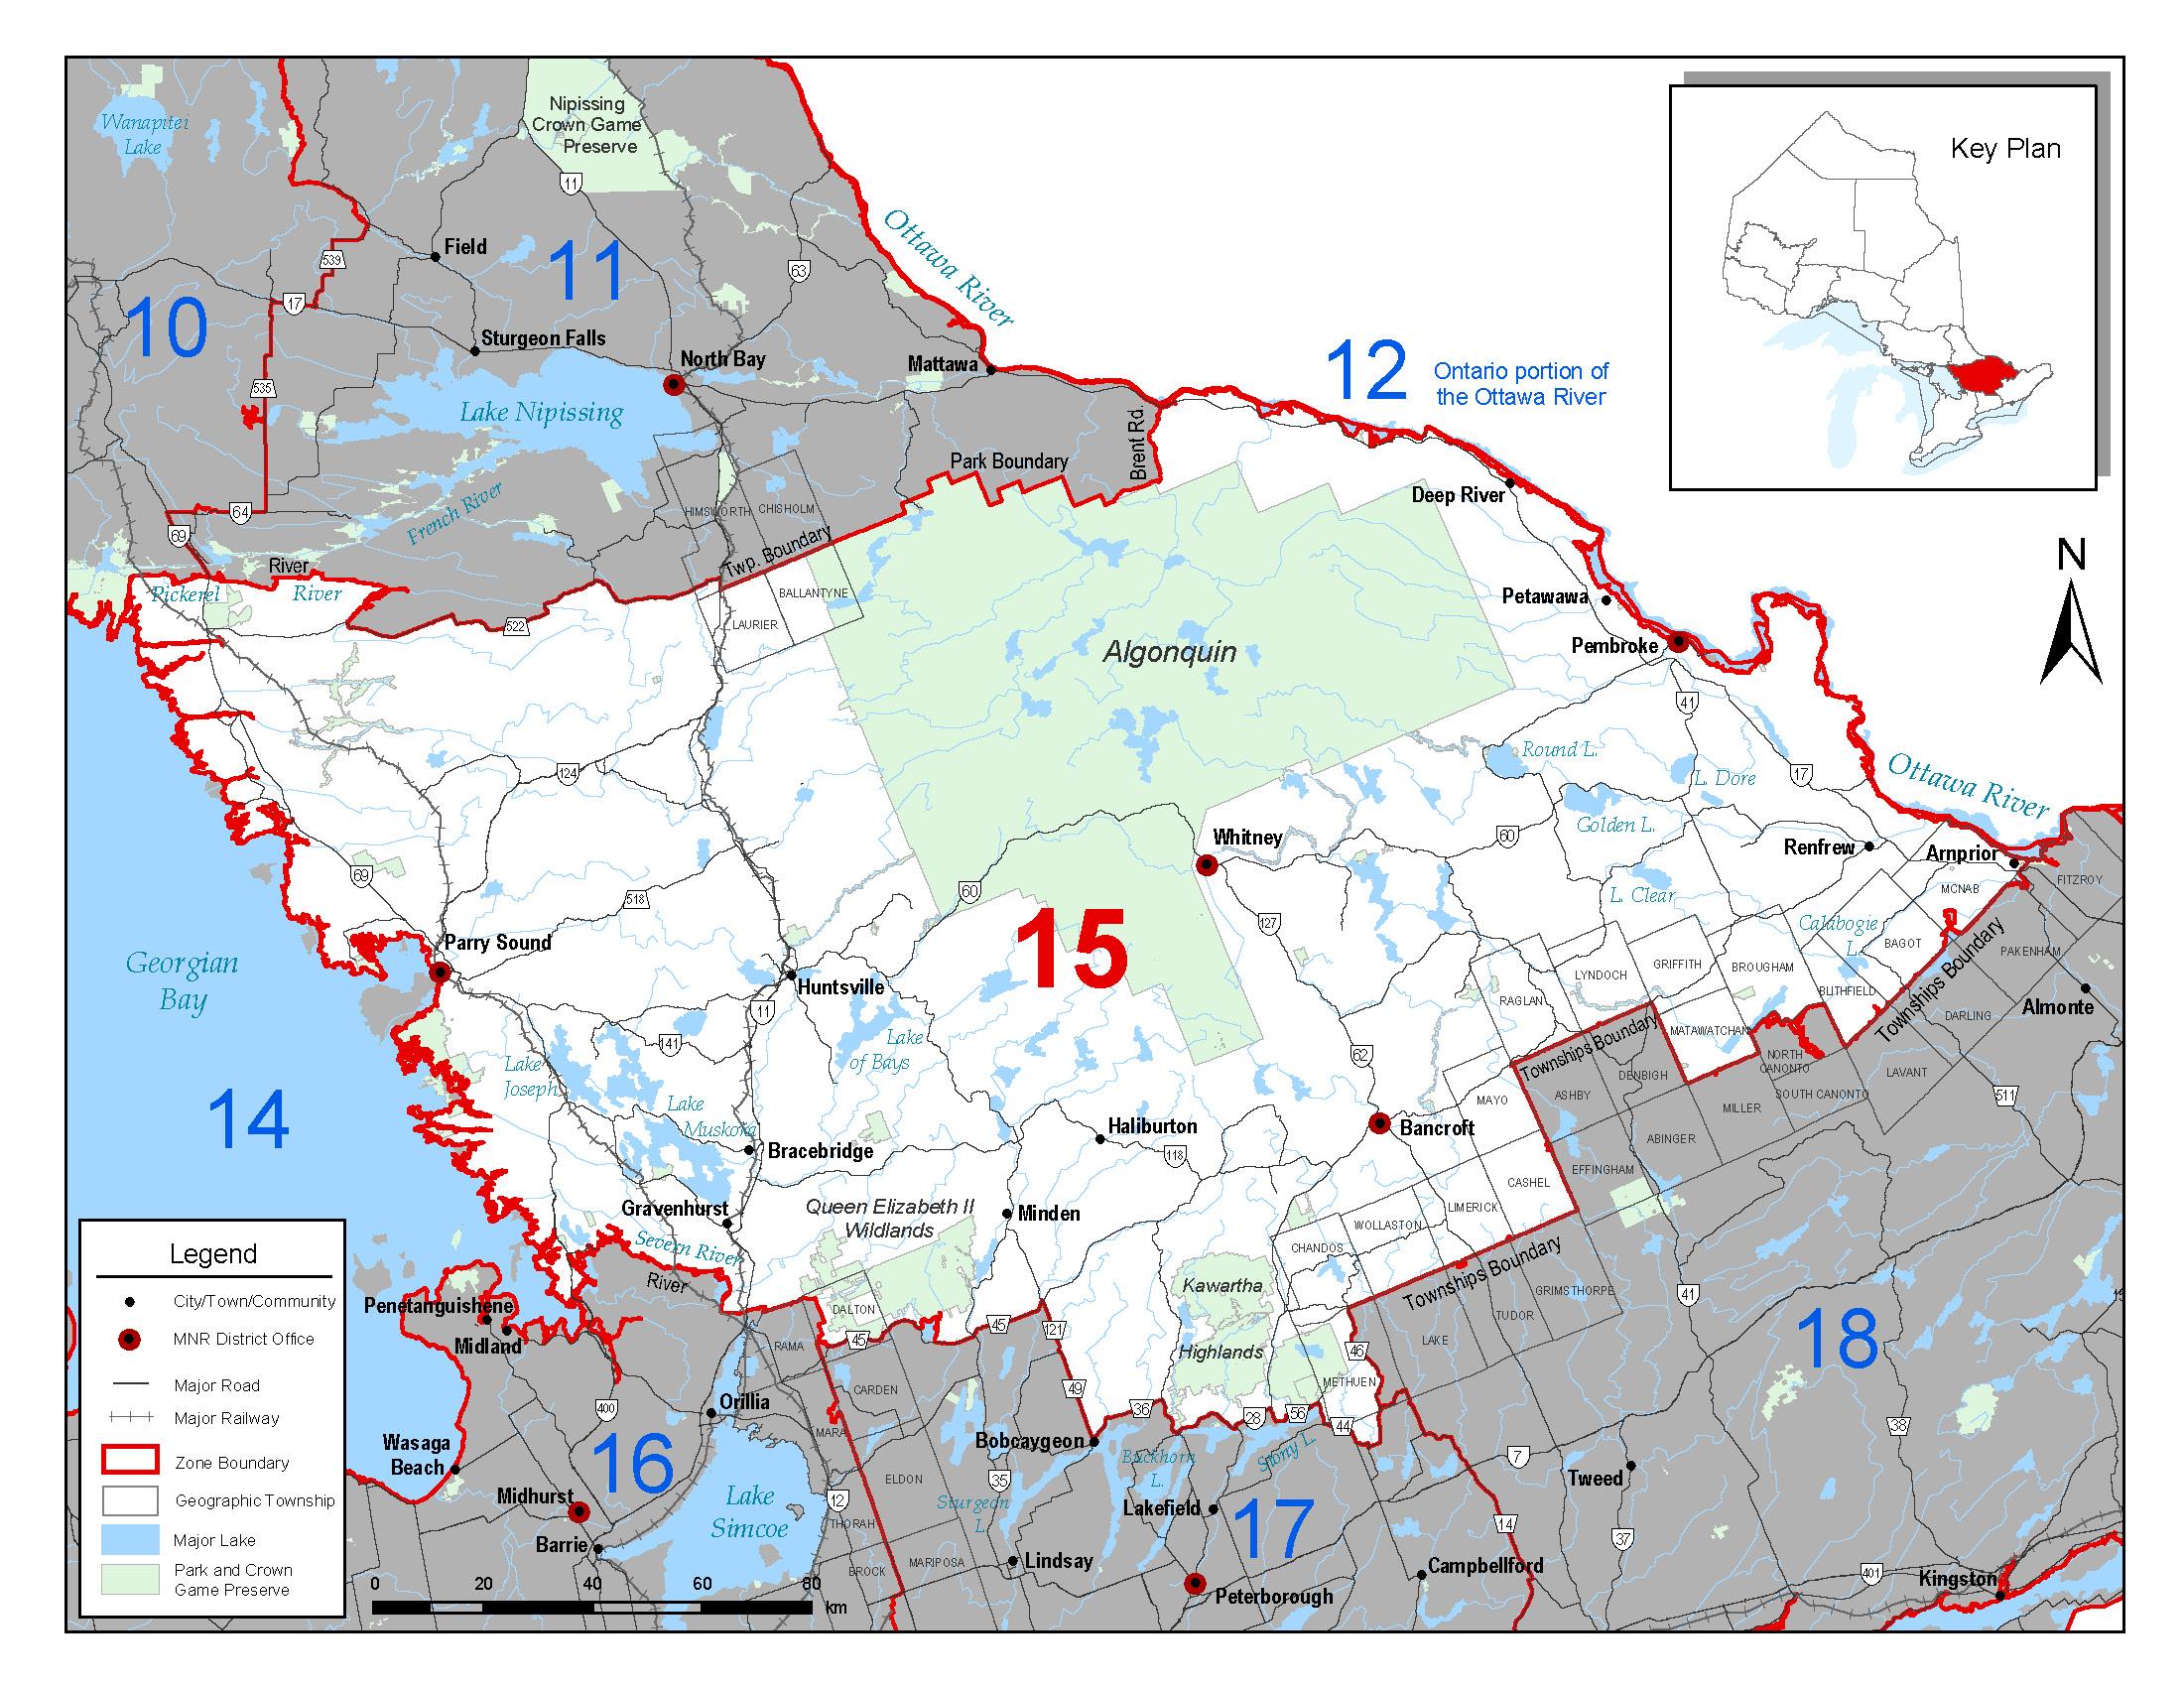 fisheries management zone 15 fmz 15 ontario ca